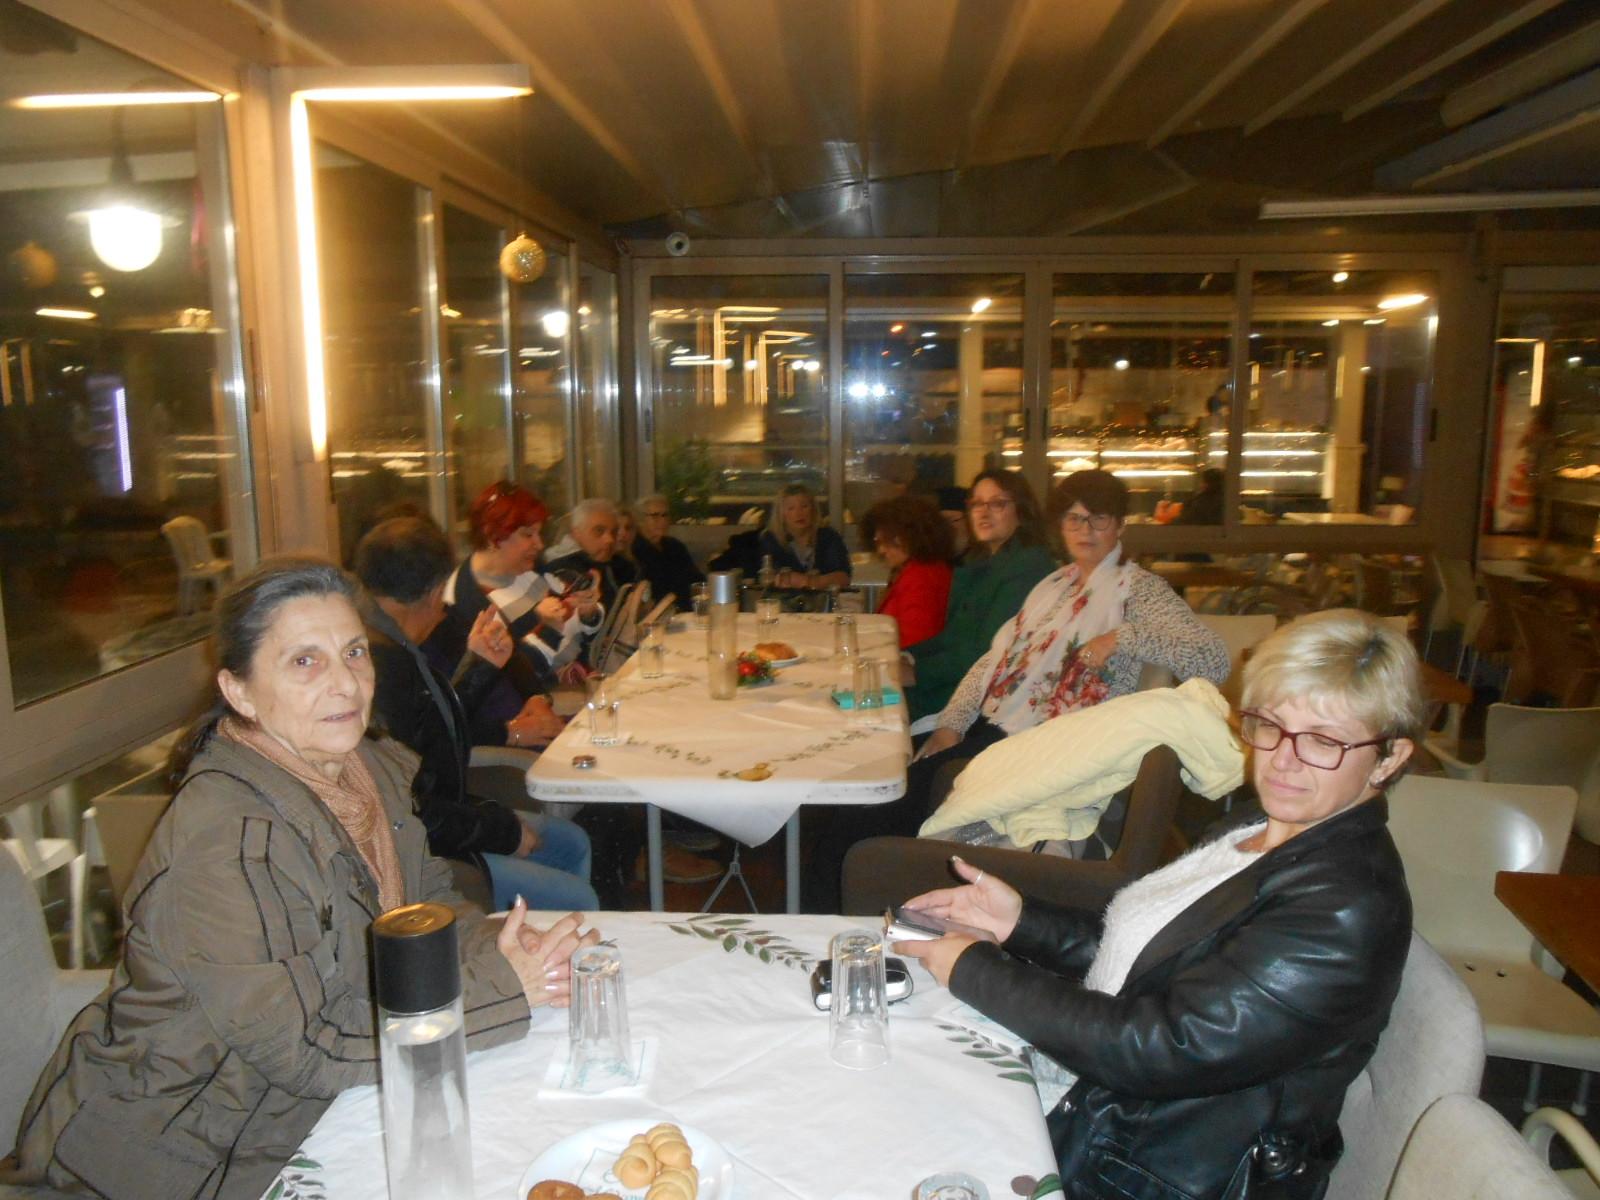 Πάτρα: Εσπερινός και Παράκληση Υπέρ Υγείας για τα μέλη και τους φίλους της ΕΕΑΣΚΠ- Ακολούθησε γιορτινή βραδιά (Photos)